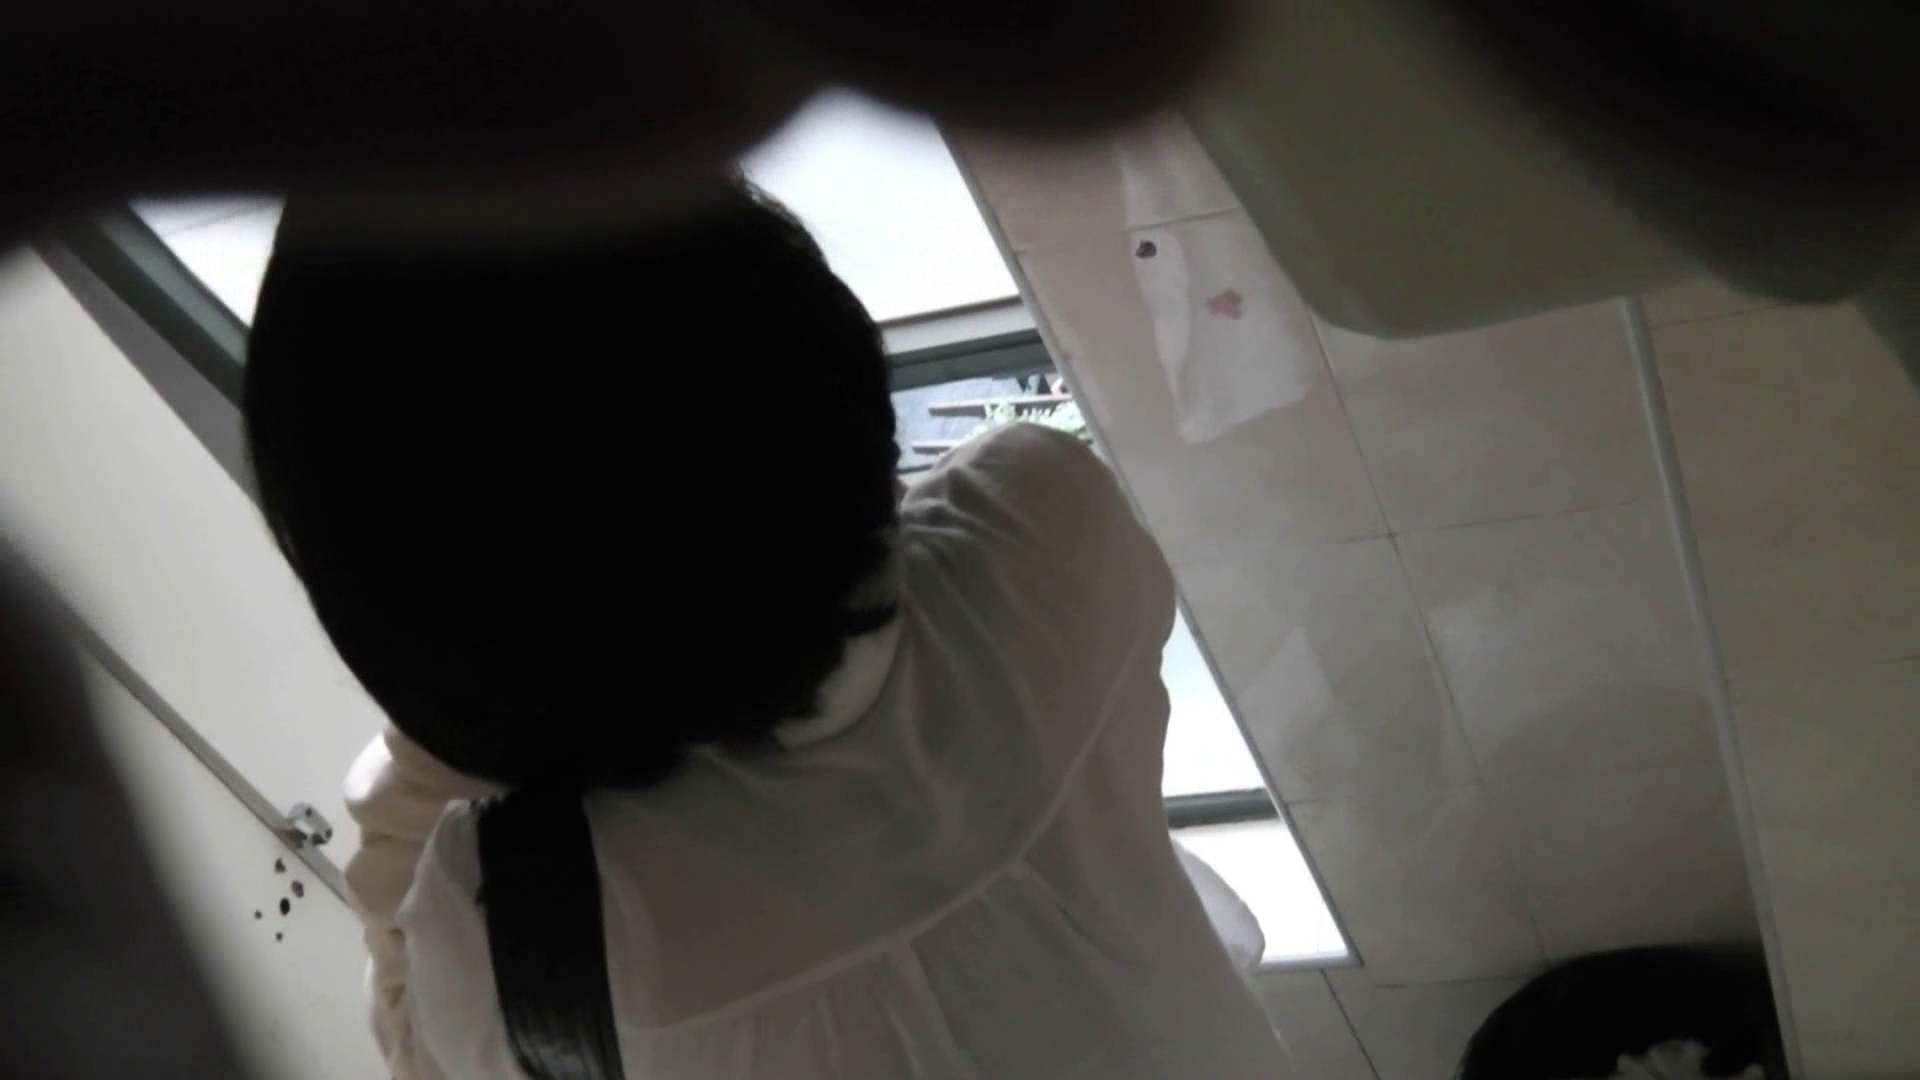 世界の射窓から ステーション編 vol.17厦大女厕偷拍 qianp 洗面所  87PIX 34